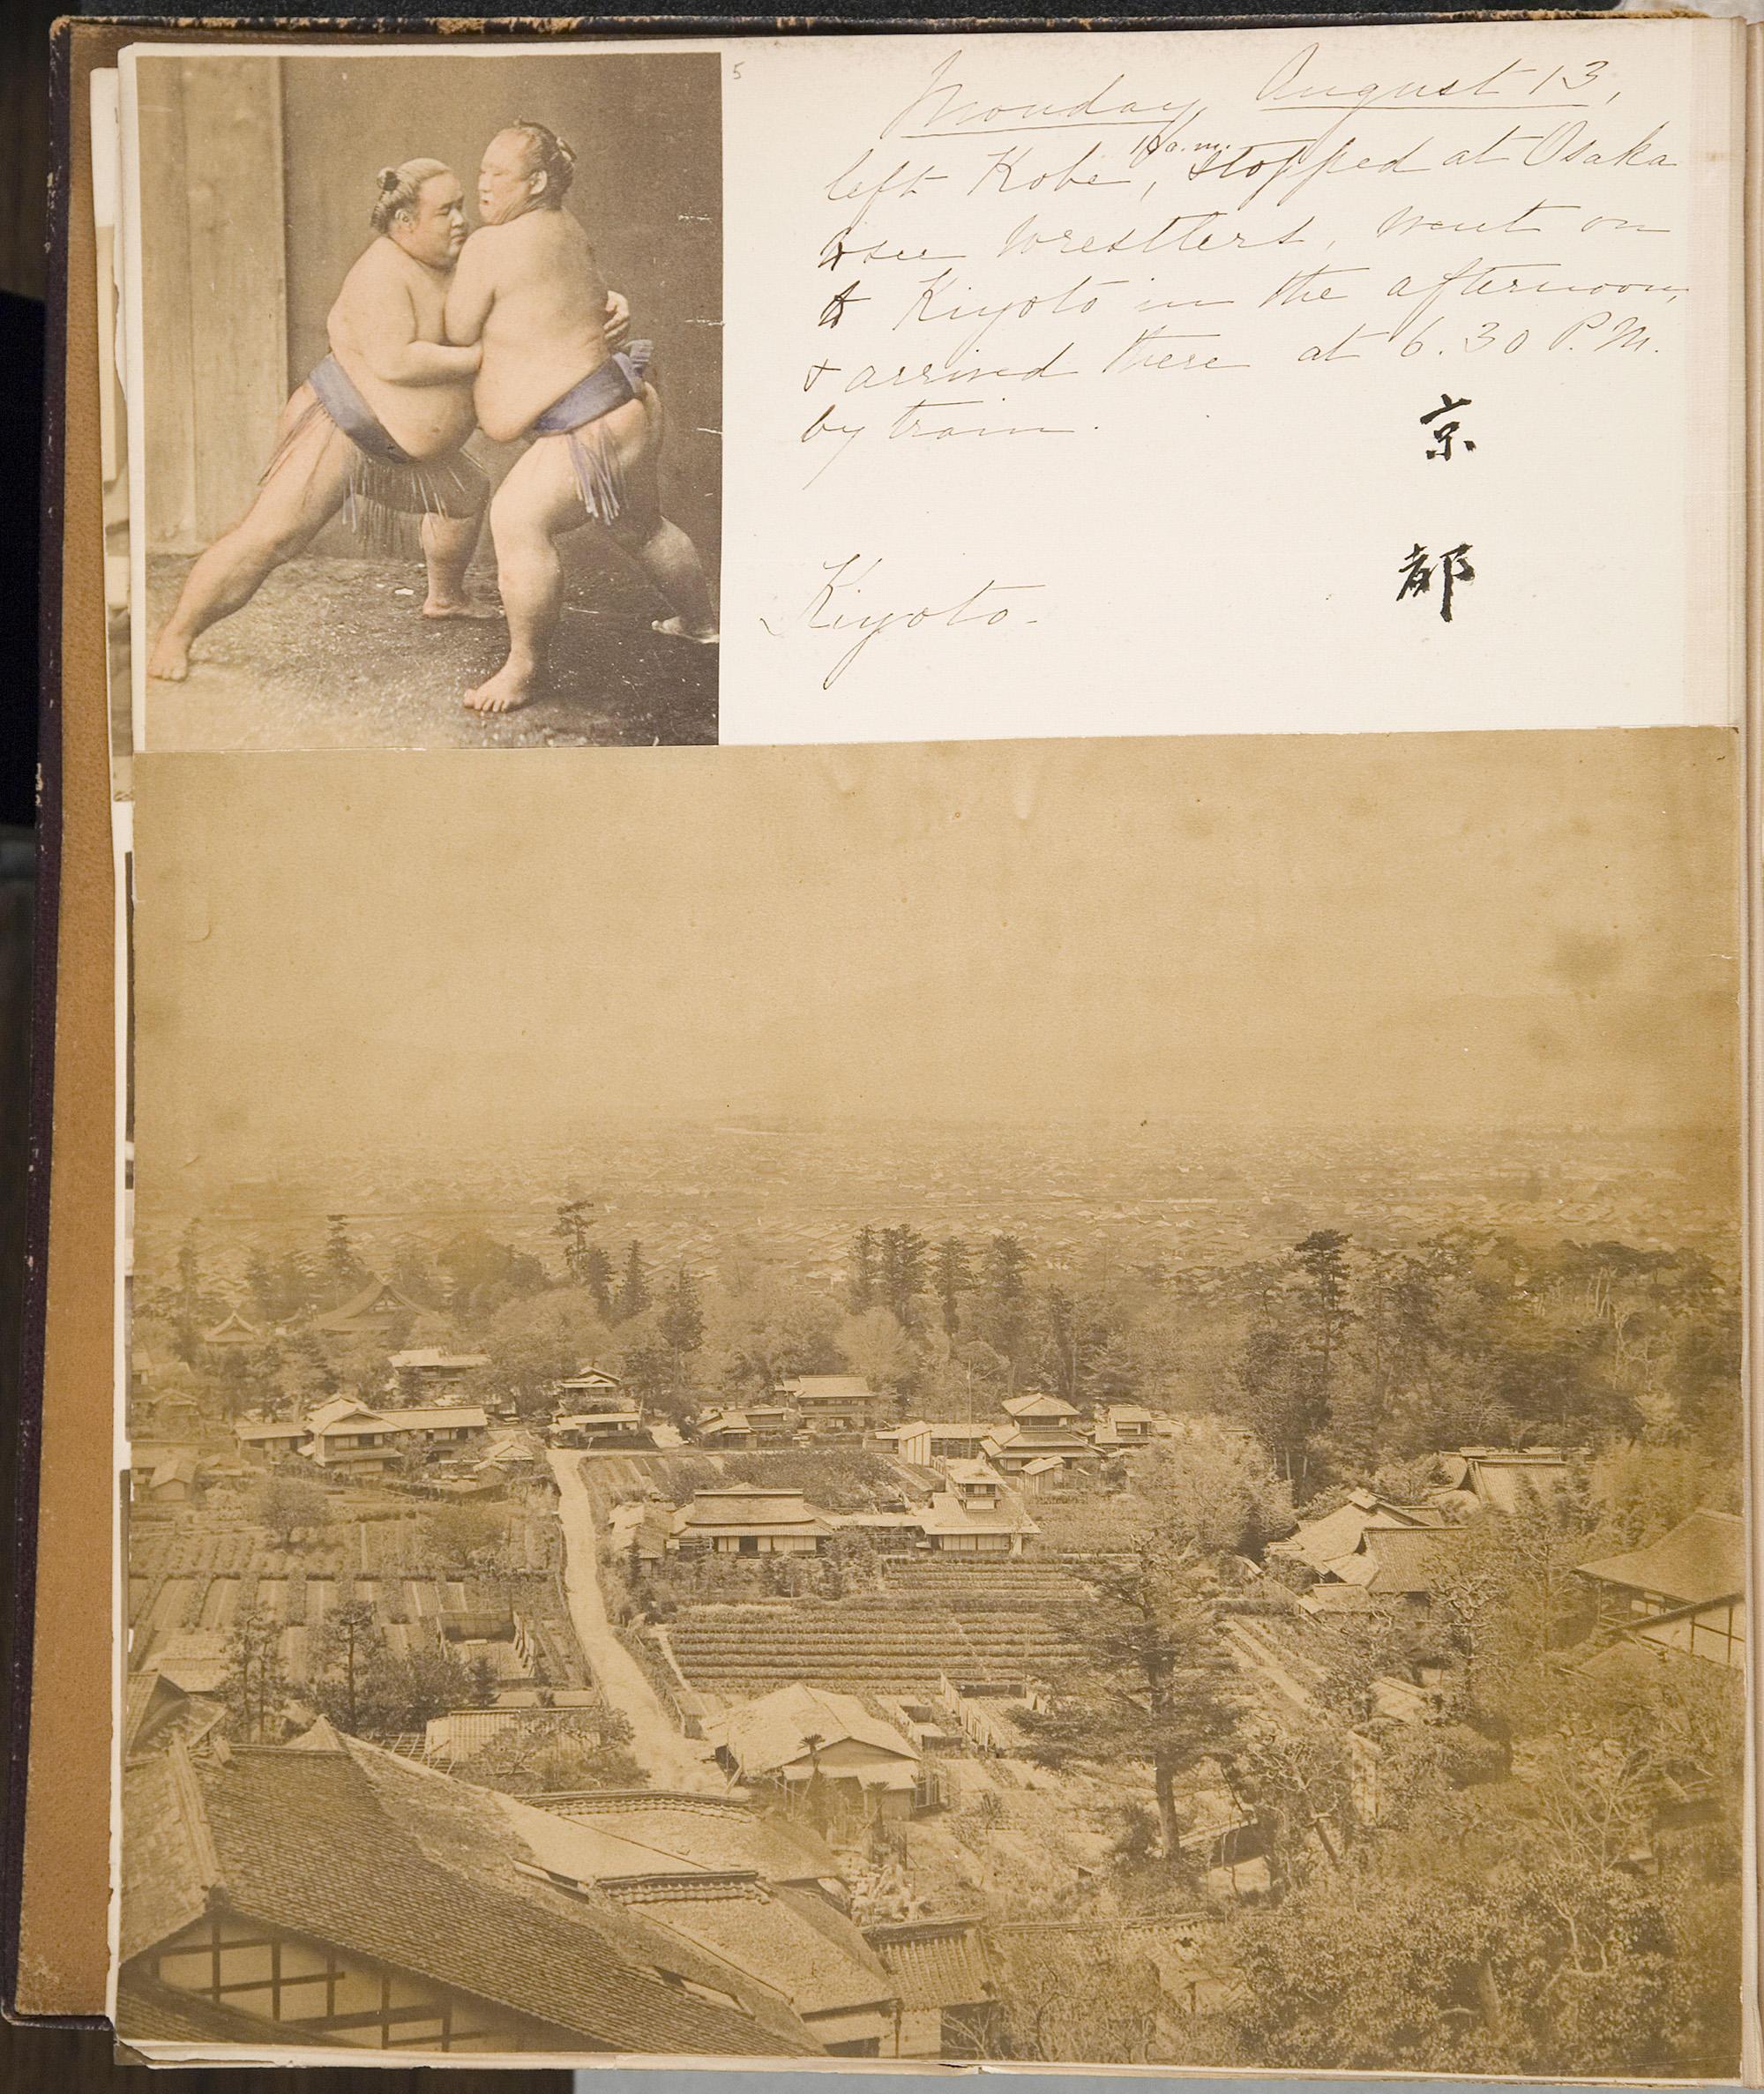 Isabella Stewart Gardner (American, 1840–1924), Travel Album: China and Japan, 1883, page 19